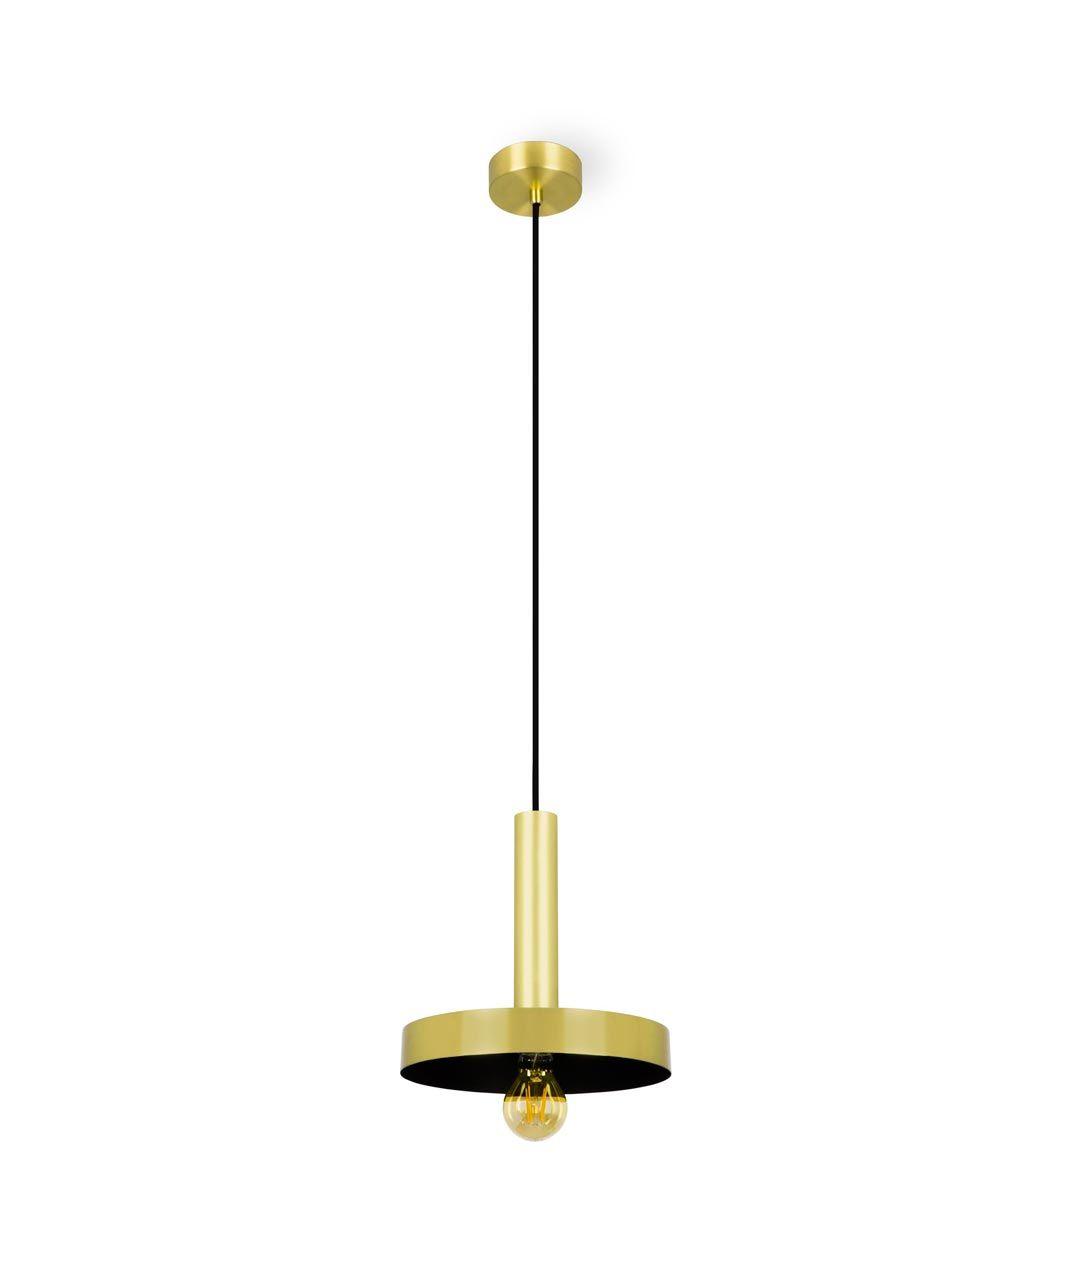 Lámpara de techo oro satinado y negra WHIZZ